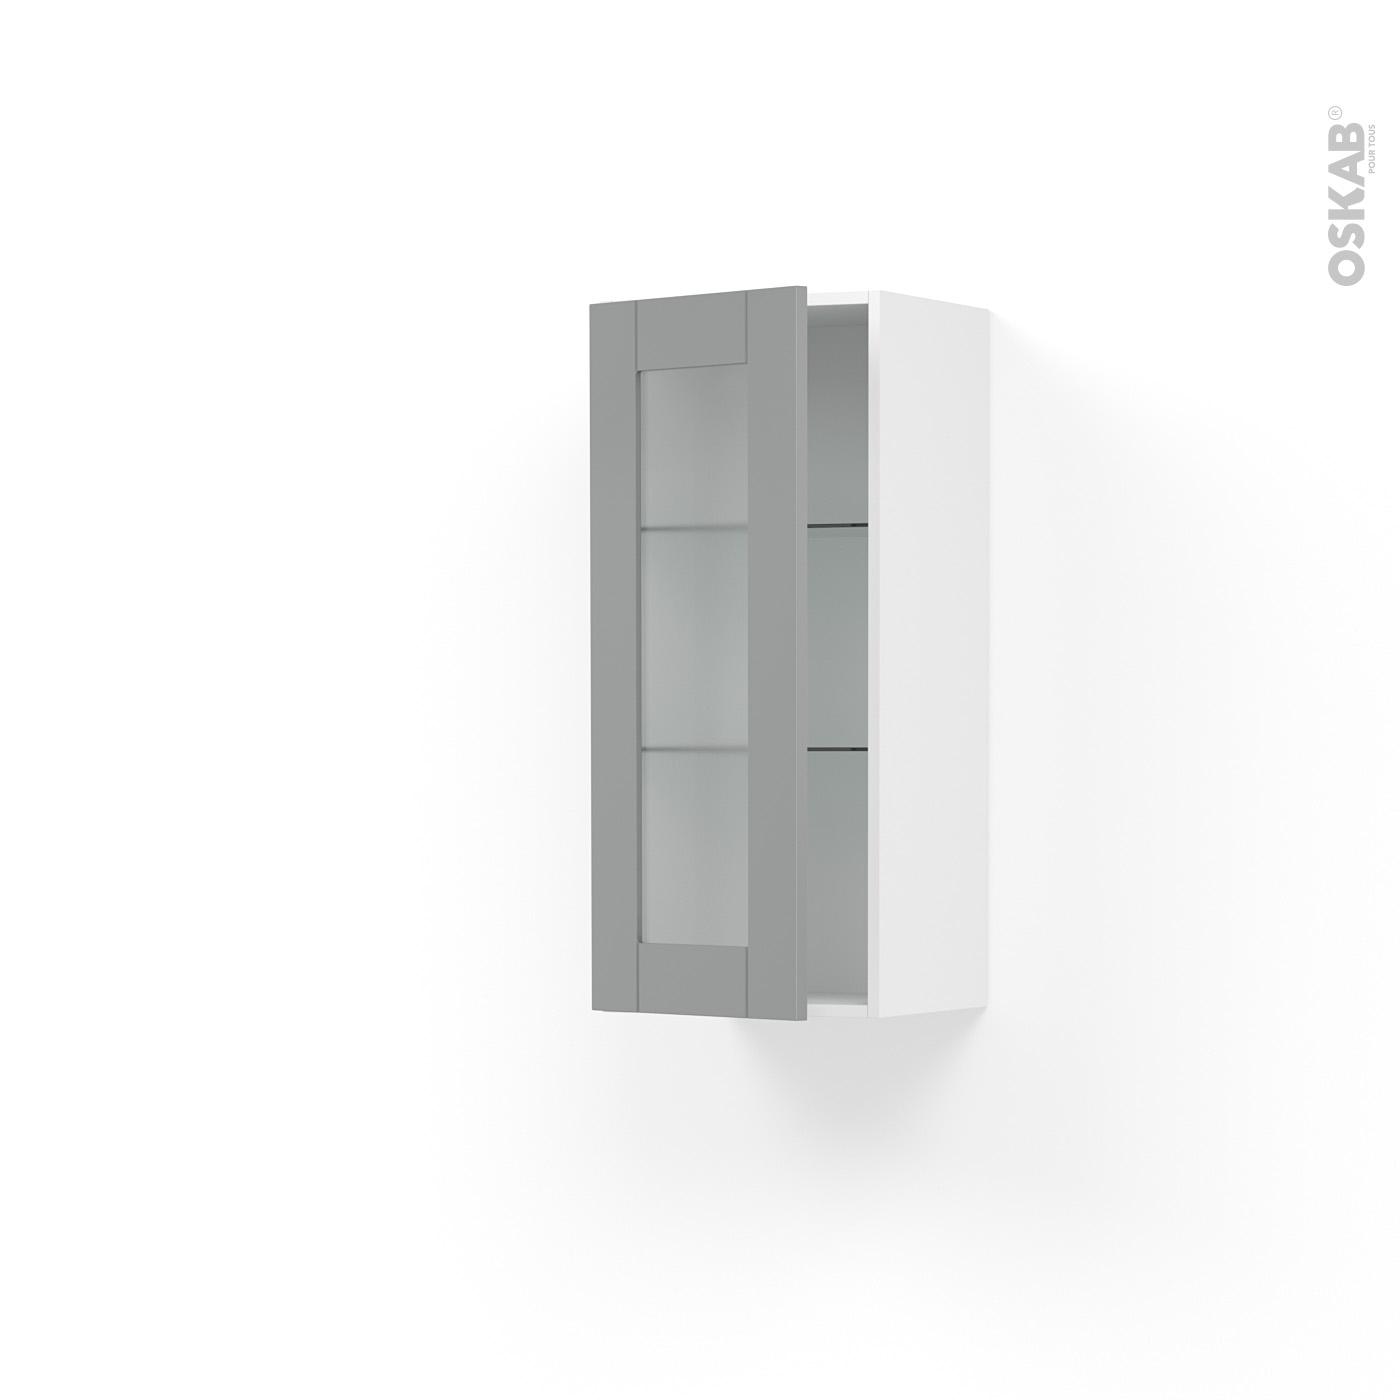 Meuble de cuisine Haut ouvrant vitré FILIPEN Gris, 1 porte, L40 x H92 x P37  cm